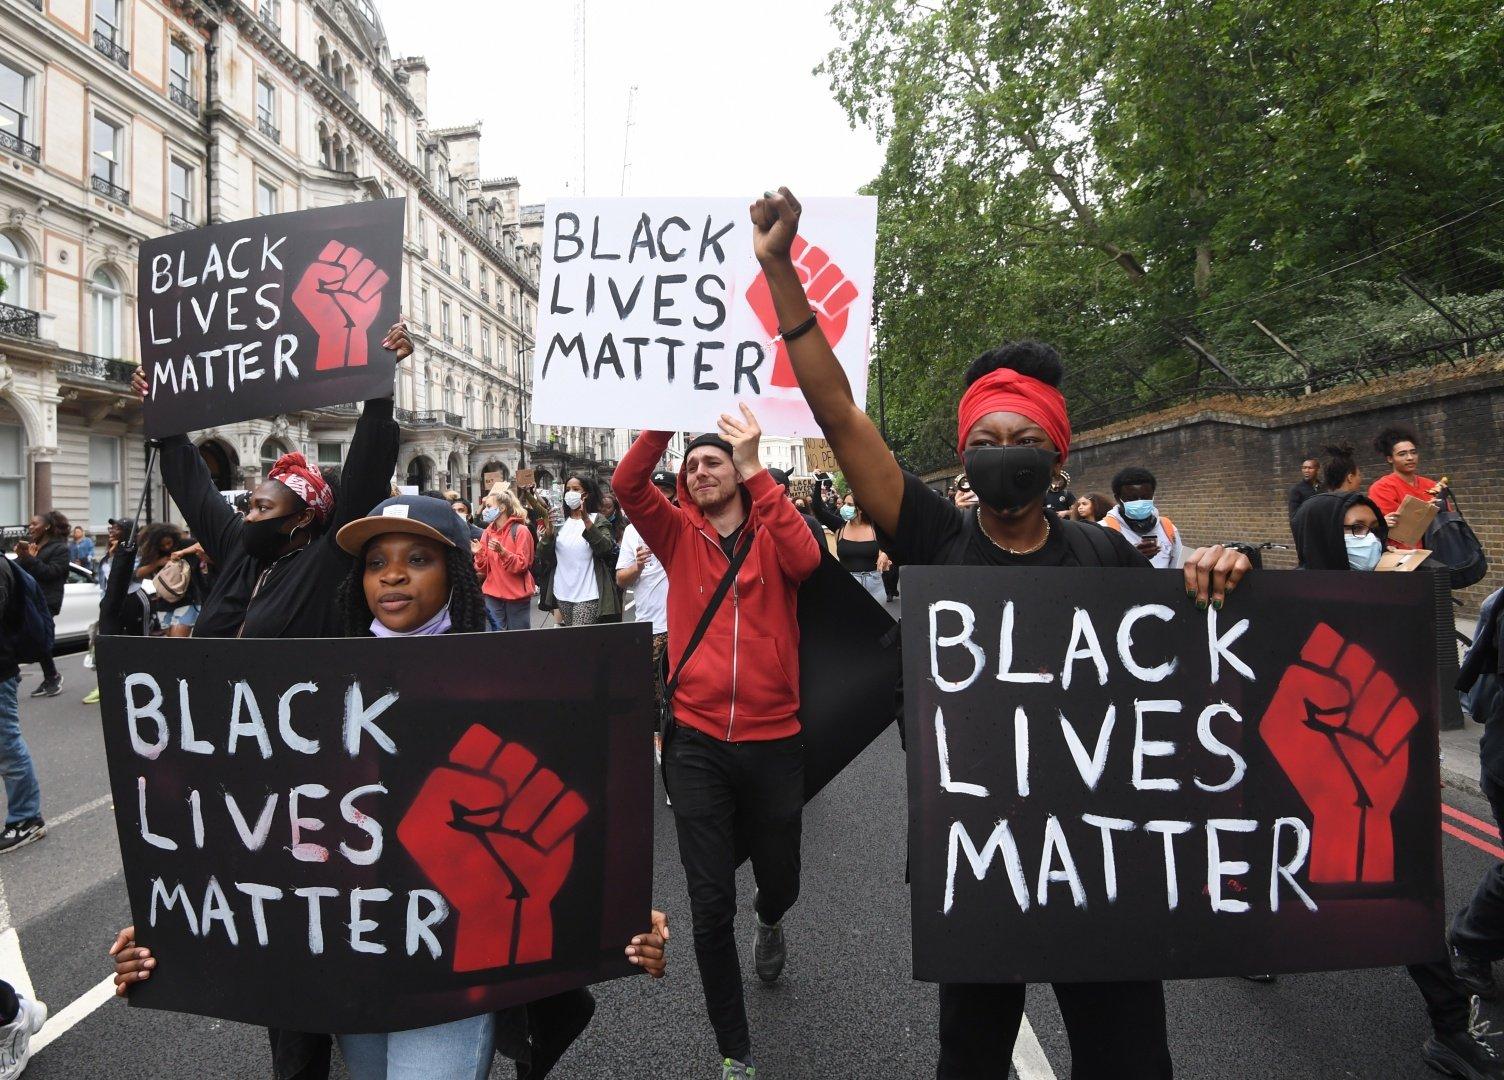 Movimento BlackLivesMatter VidasNegrasImportam 1